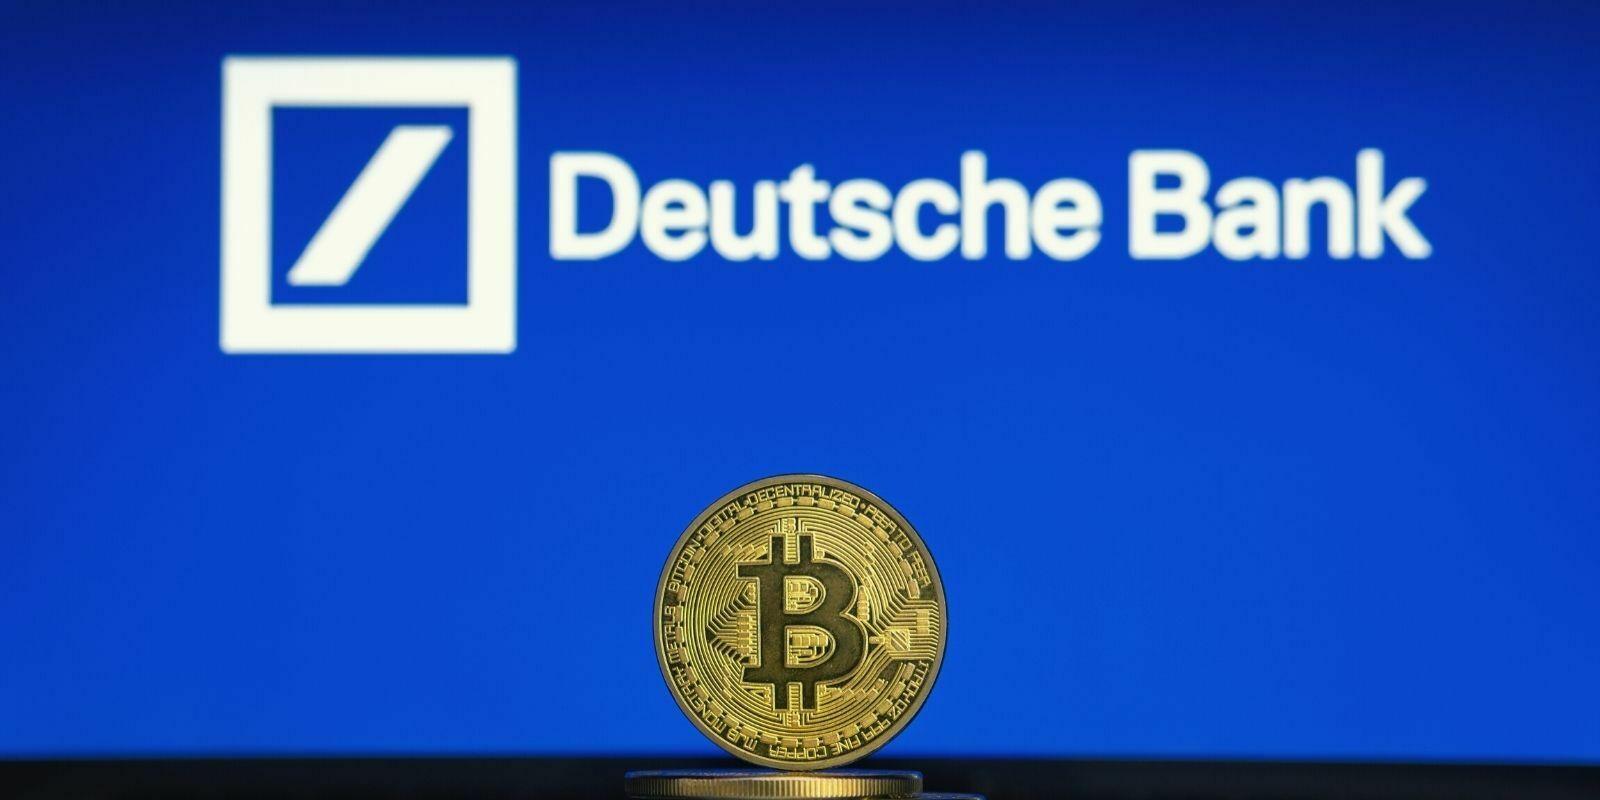 La Deutsche Bank prépare un service de garde pour cryptomonnaies